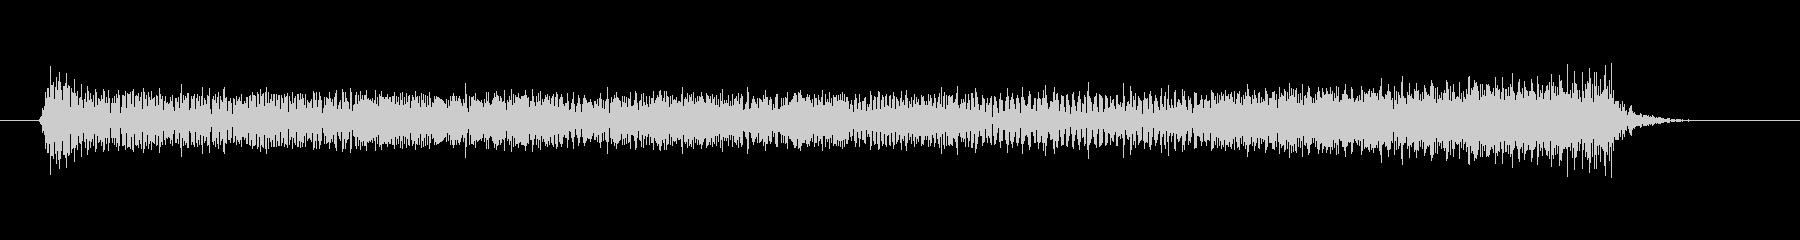 ノイズ スプラッタ03の未再生の波形